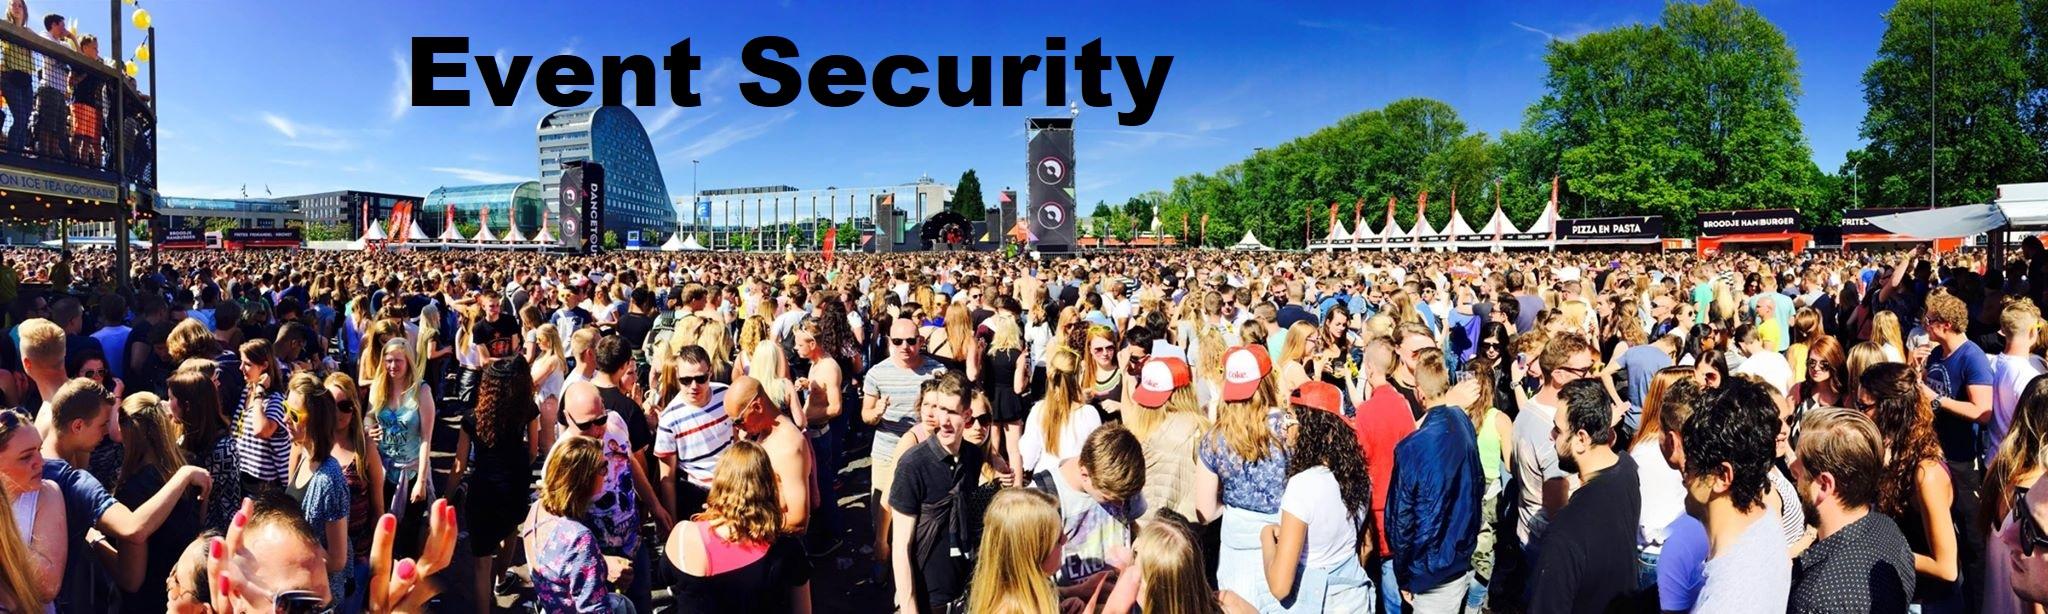 investicon event security